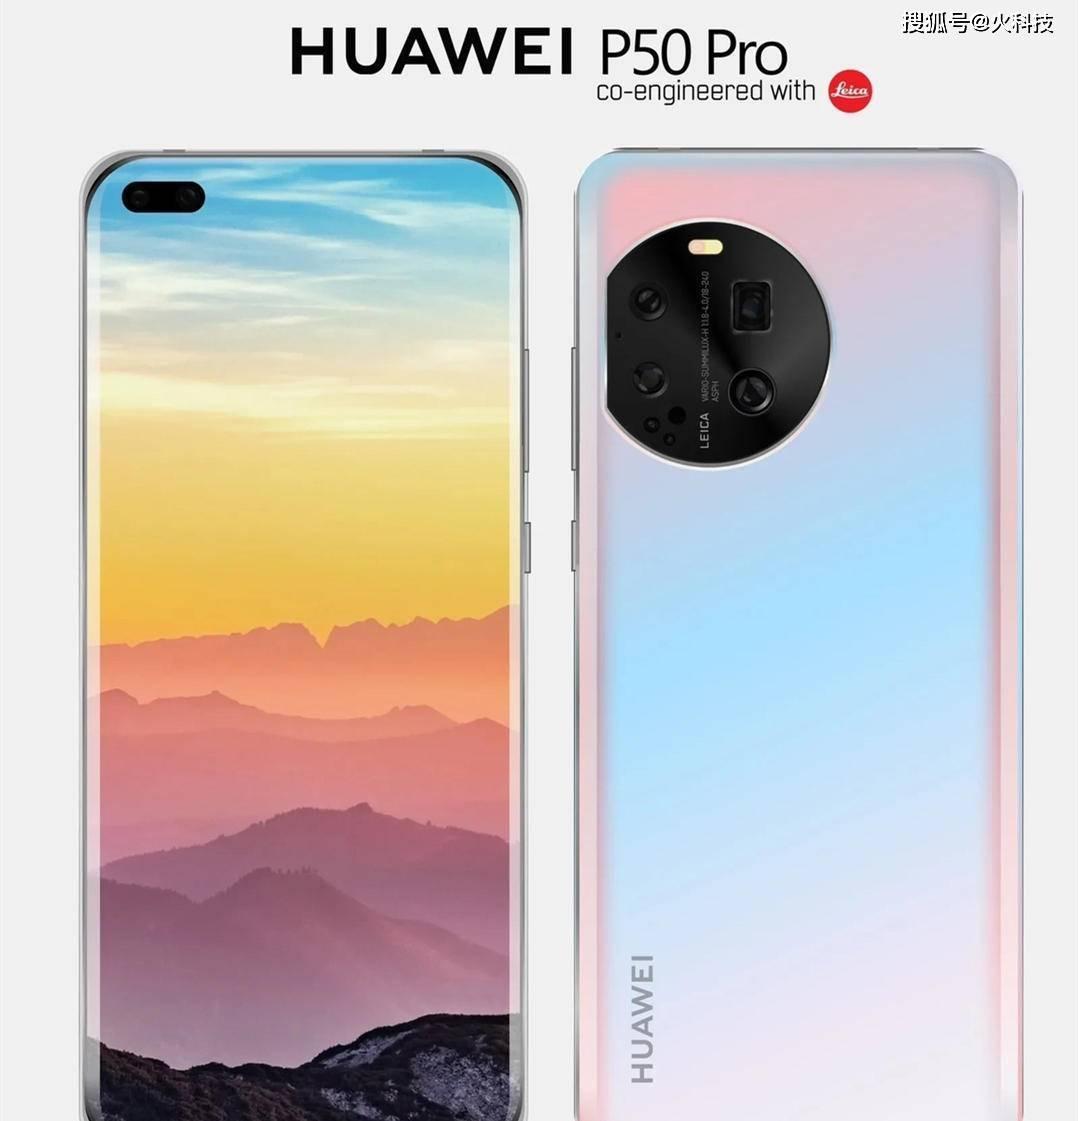 华为下一款顶级旗舰手机,外观大改,华为P50 Pro期待吗?